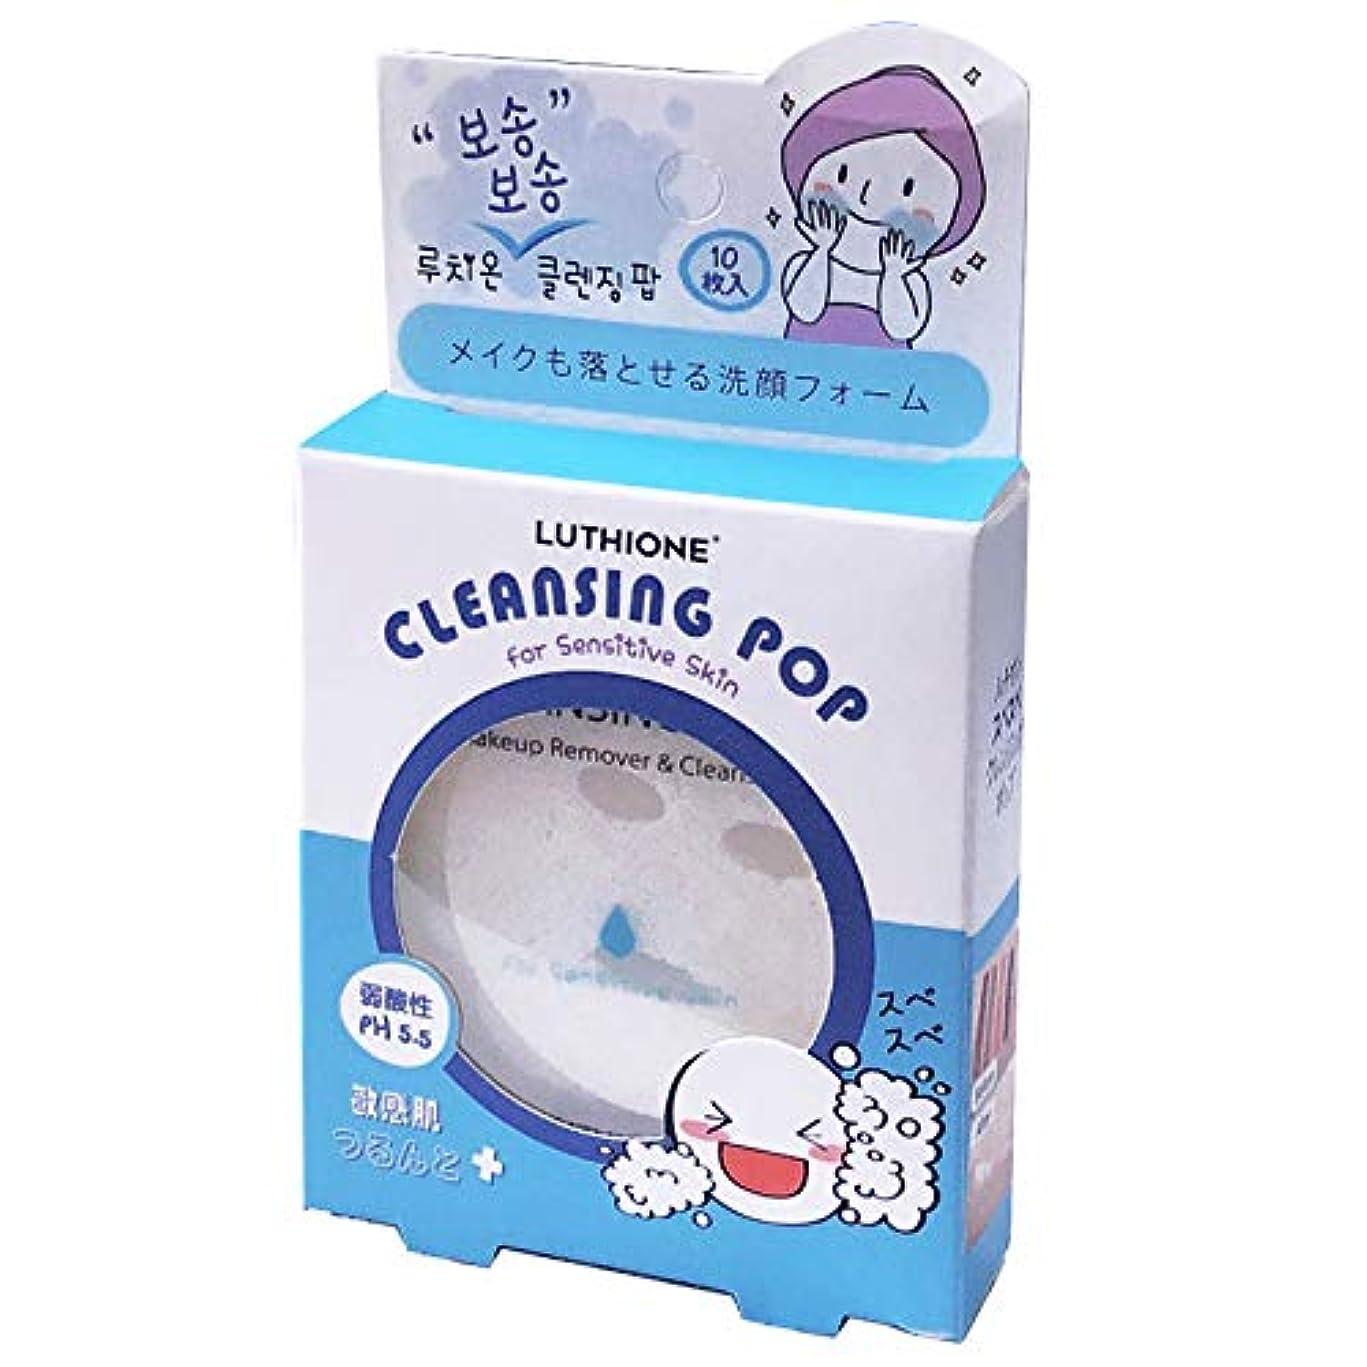 圧縮アトラス詐欺【まとめ買い】ルチオン クレンジングポップ (LUTHIONE CLEANSING POP) 敏感肌 10枚入り ×2個